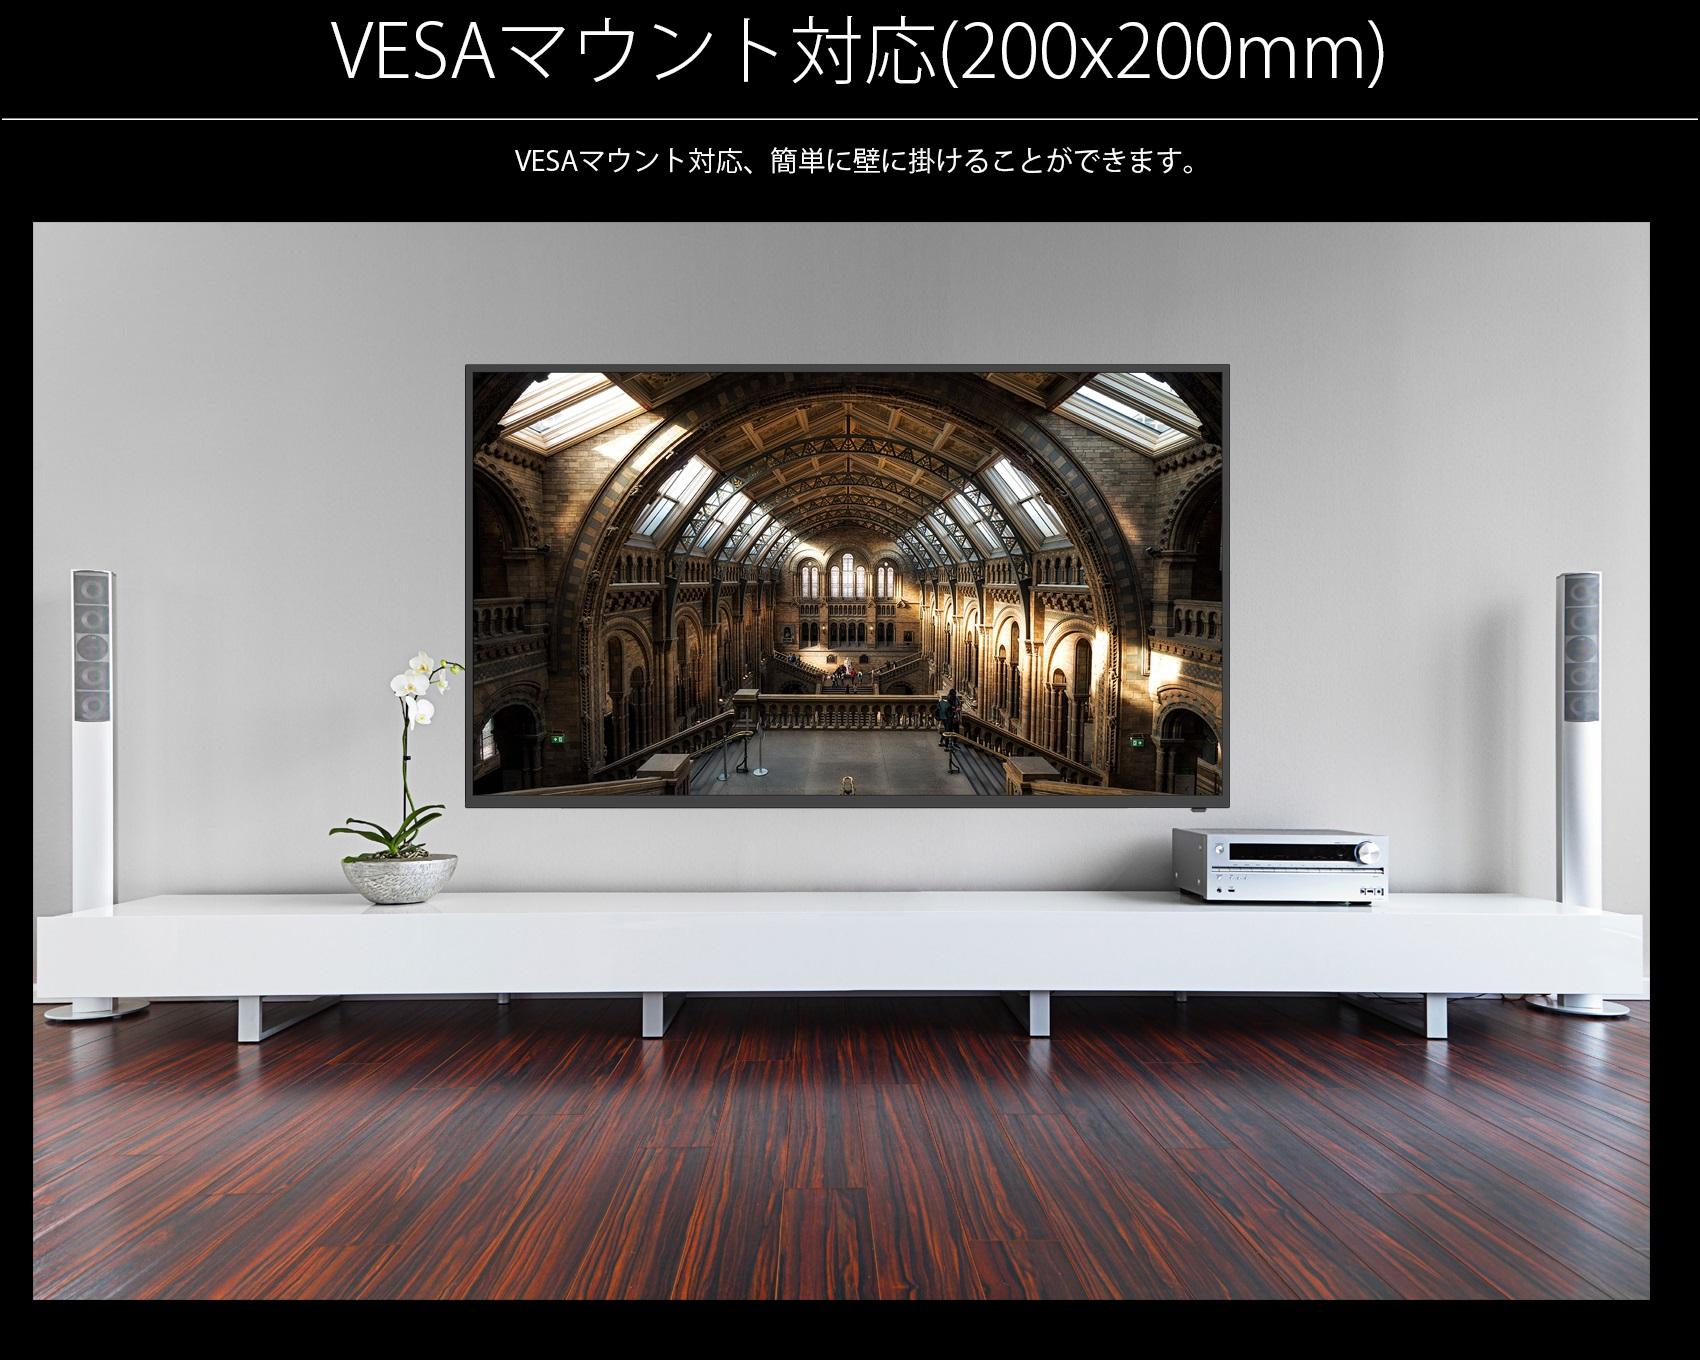 VESAマウント対応及び極薄フレームでマルチディスプレイ構成に向いています。・何本もモニターアームを用意する必要・設定の仕方が難しい・手間もお金もかなりかかります・ケーブルがモニターの数だけ増えます・視線にモニターのふちが入り込みます アームが必要なく、ケーブルも一本だけで 使用ができ、設置が簡単 さらに、高級感あふれるスタイリッシュデザイン 曲面で隅まで見やすい